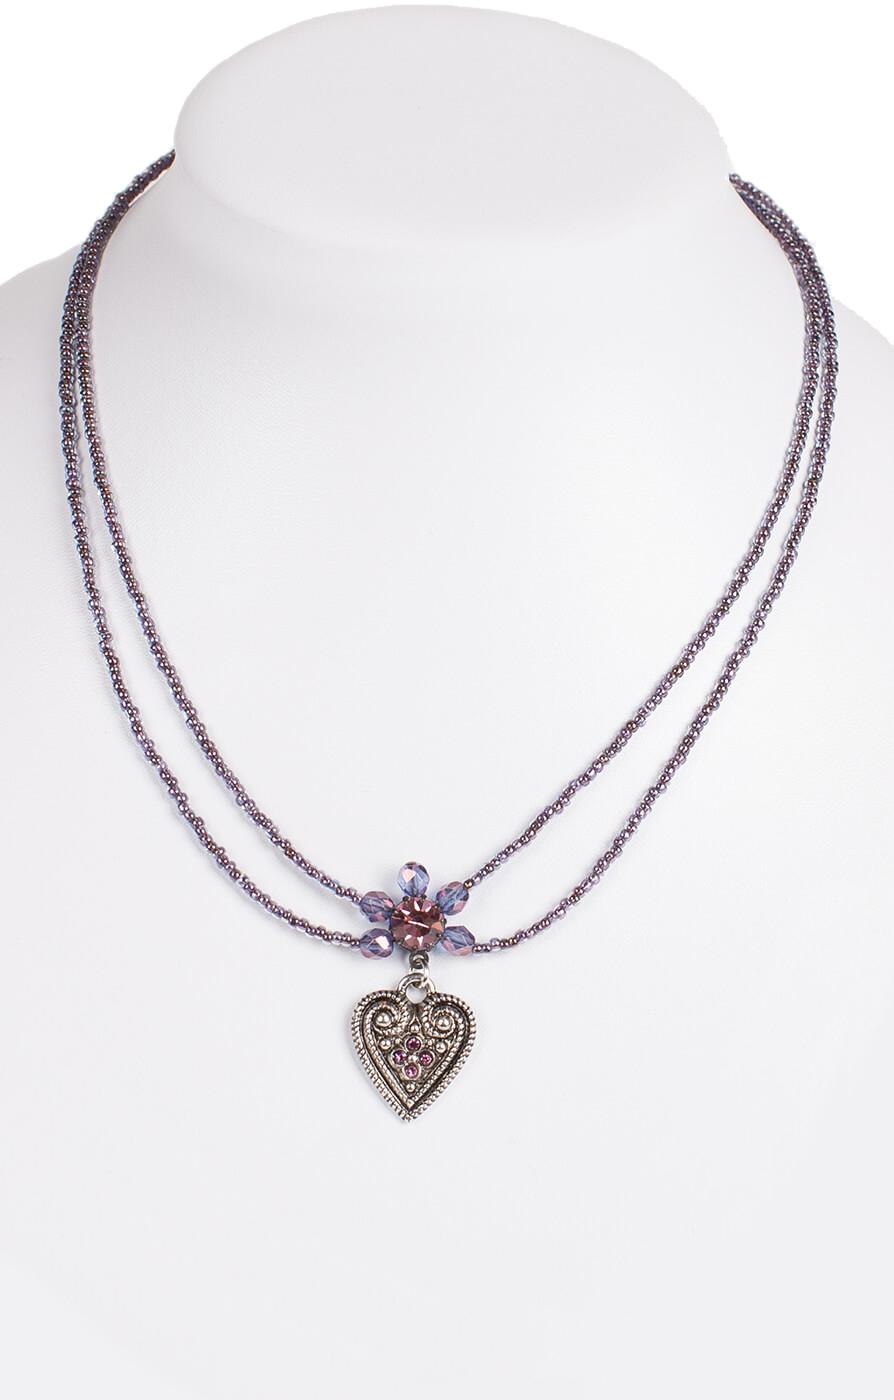 Traditional necklace 13007-2044, plum von Schuhmacher